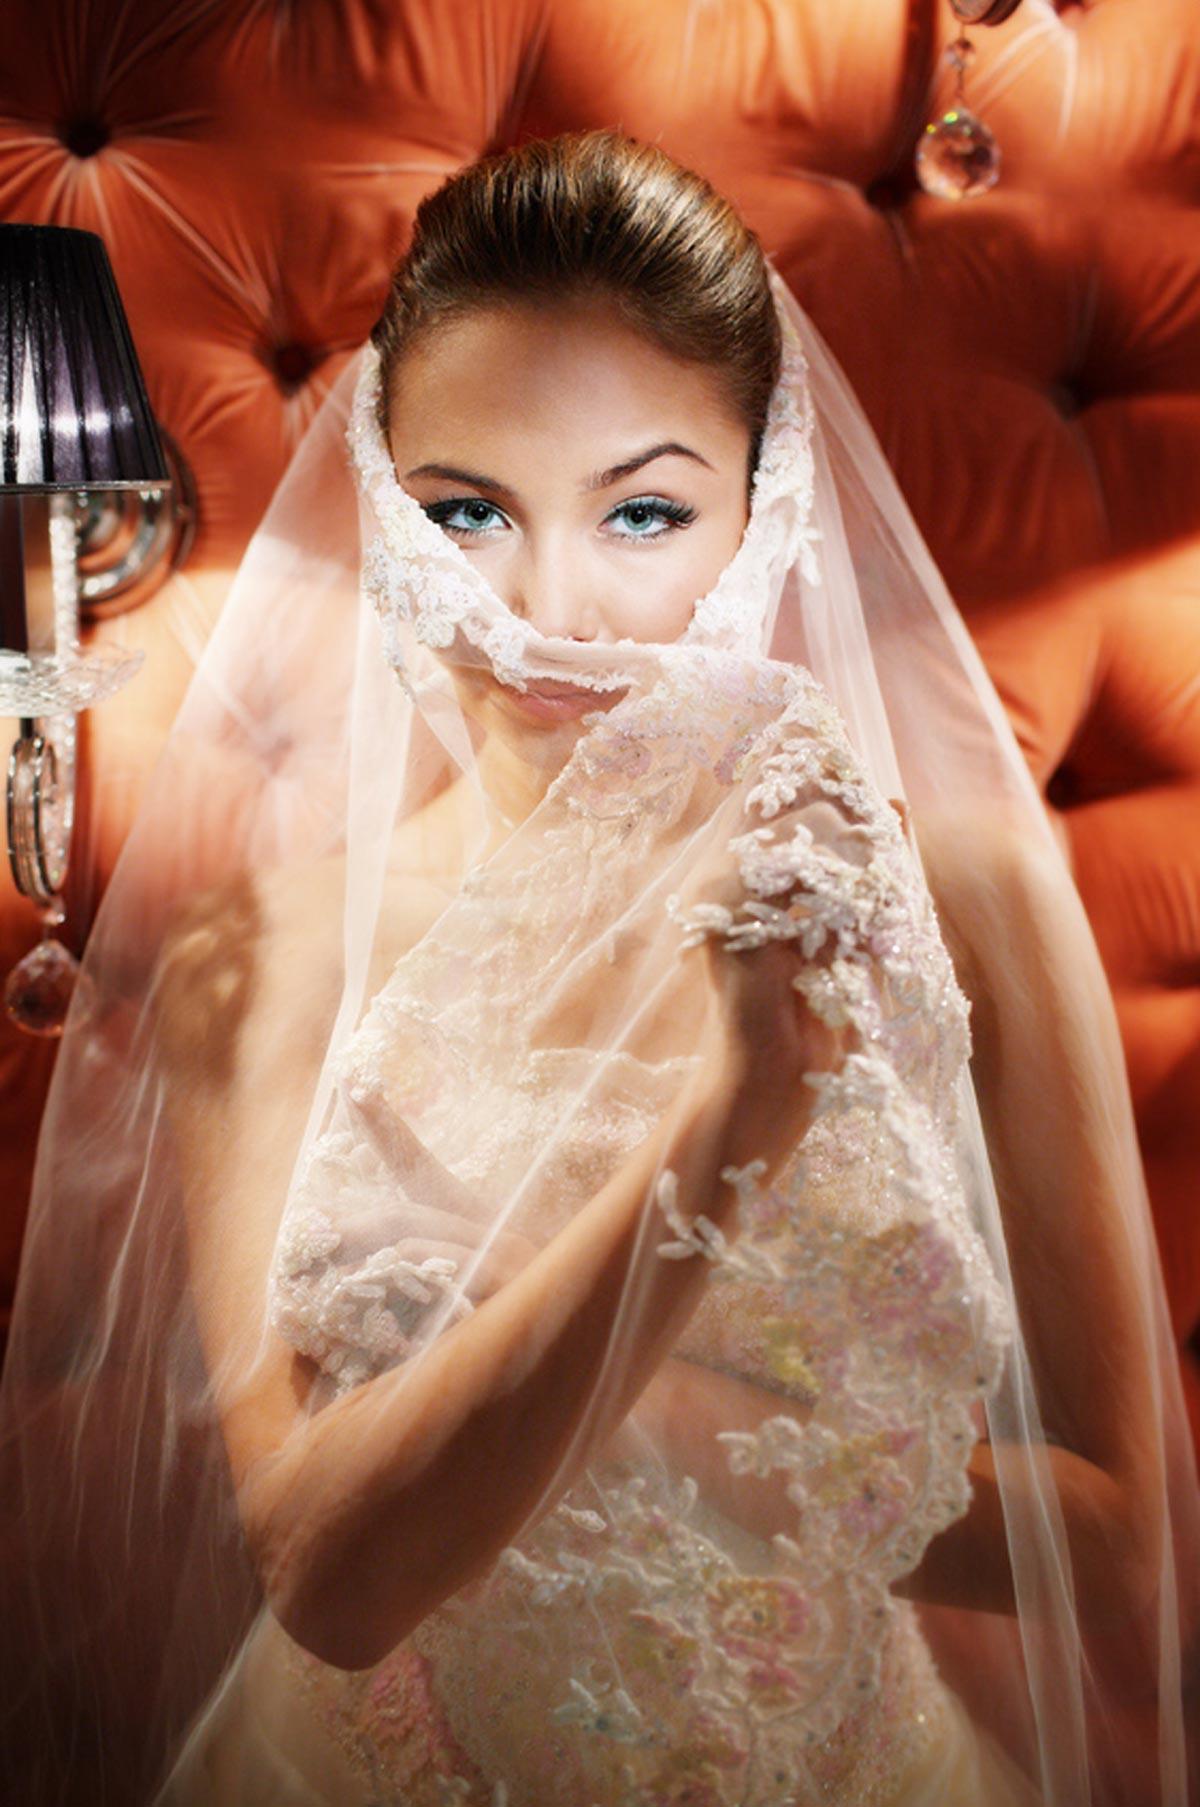 Свадьба павлы воли и лейсан утяшевой фото